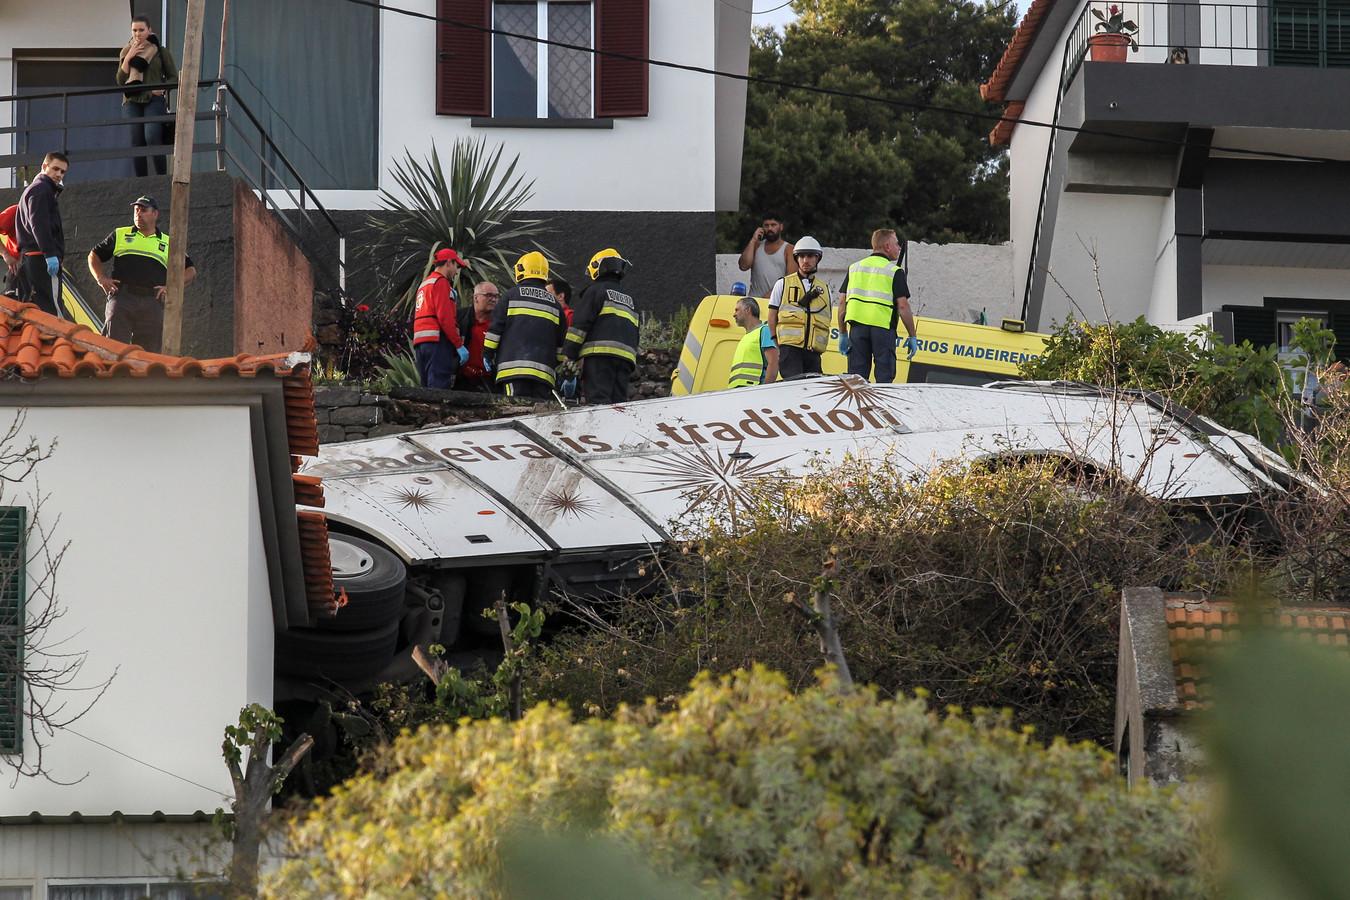 De verongelukte bus op Madeira.